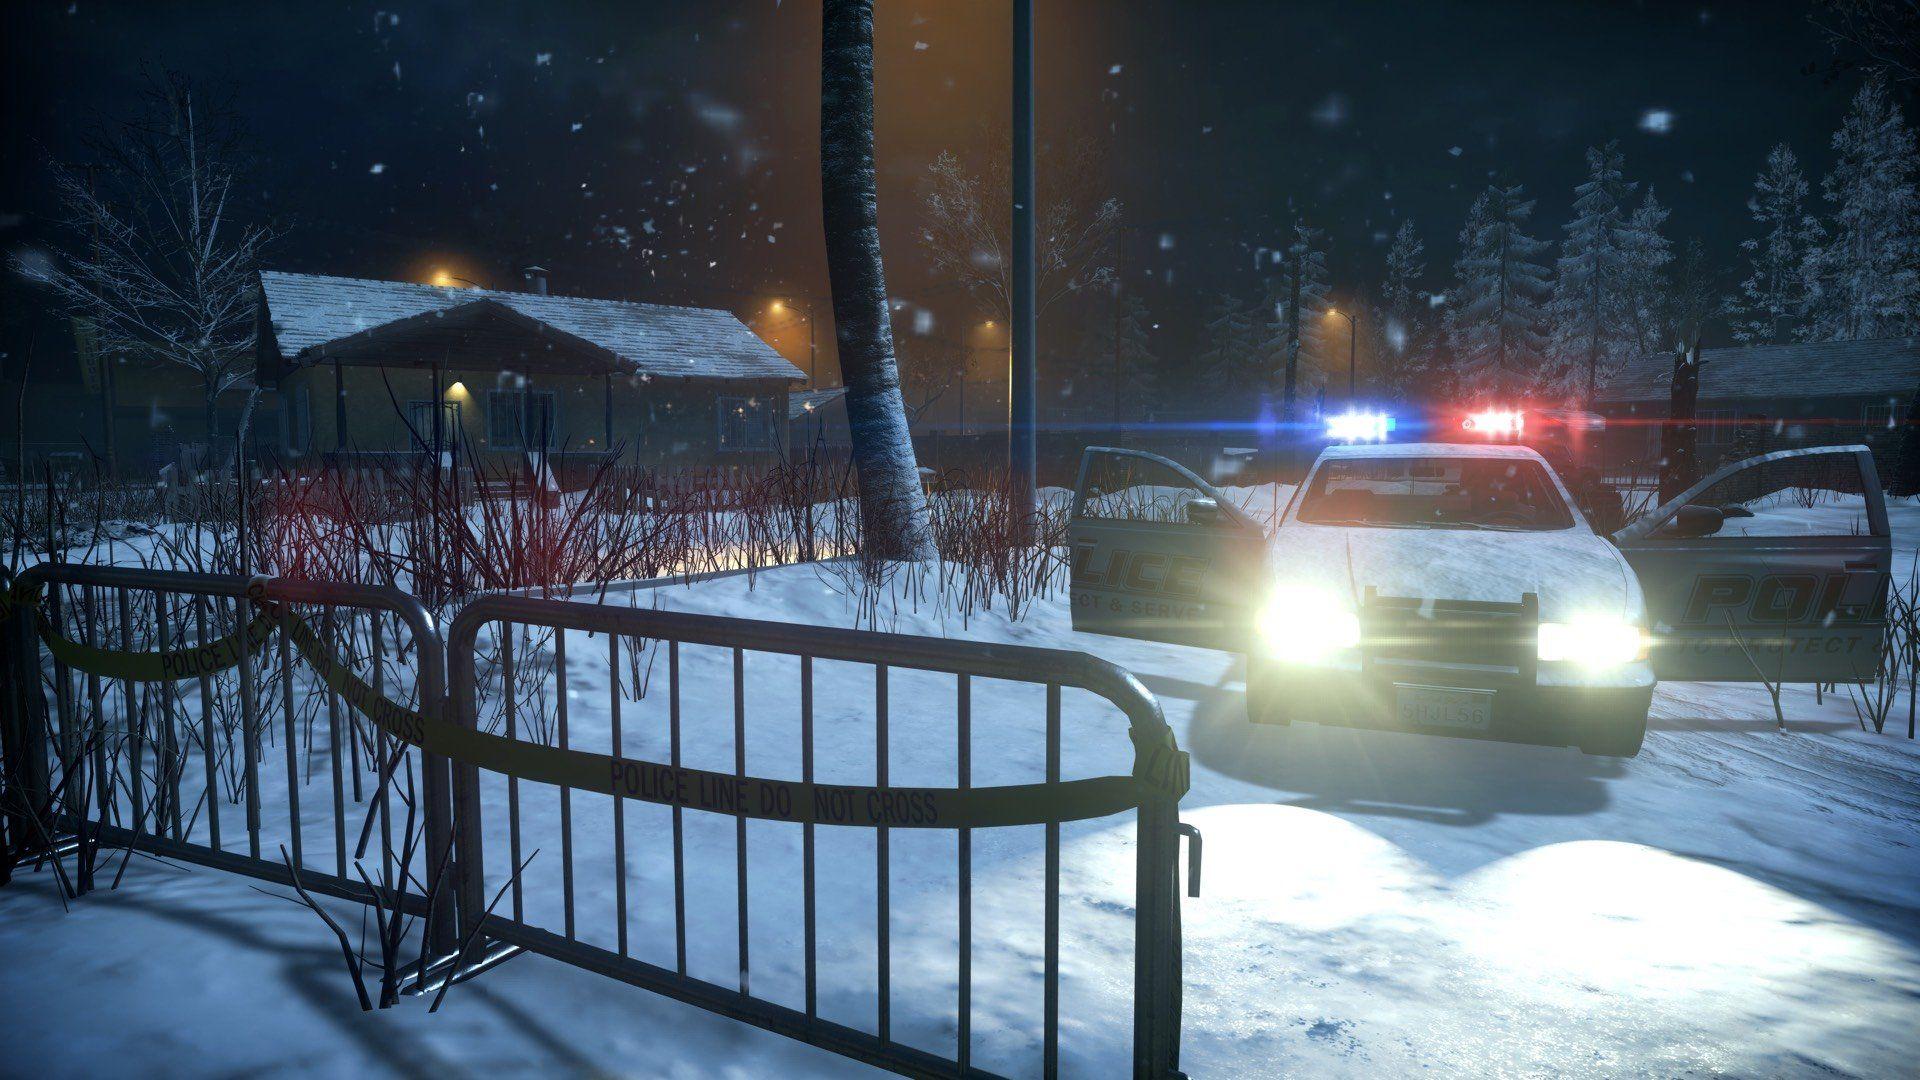 #BattlefieldHardLine #Robbery #DLCRobbery Para más información sobre #Videojuegos, Suscríbete a nuestra página web: http://legiondejugadores.com/ y síguenos en Twitter https://twitter.com/LegionJugadores